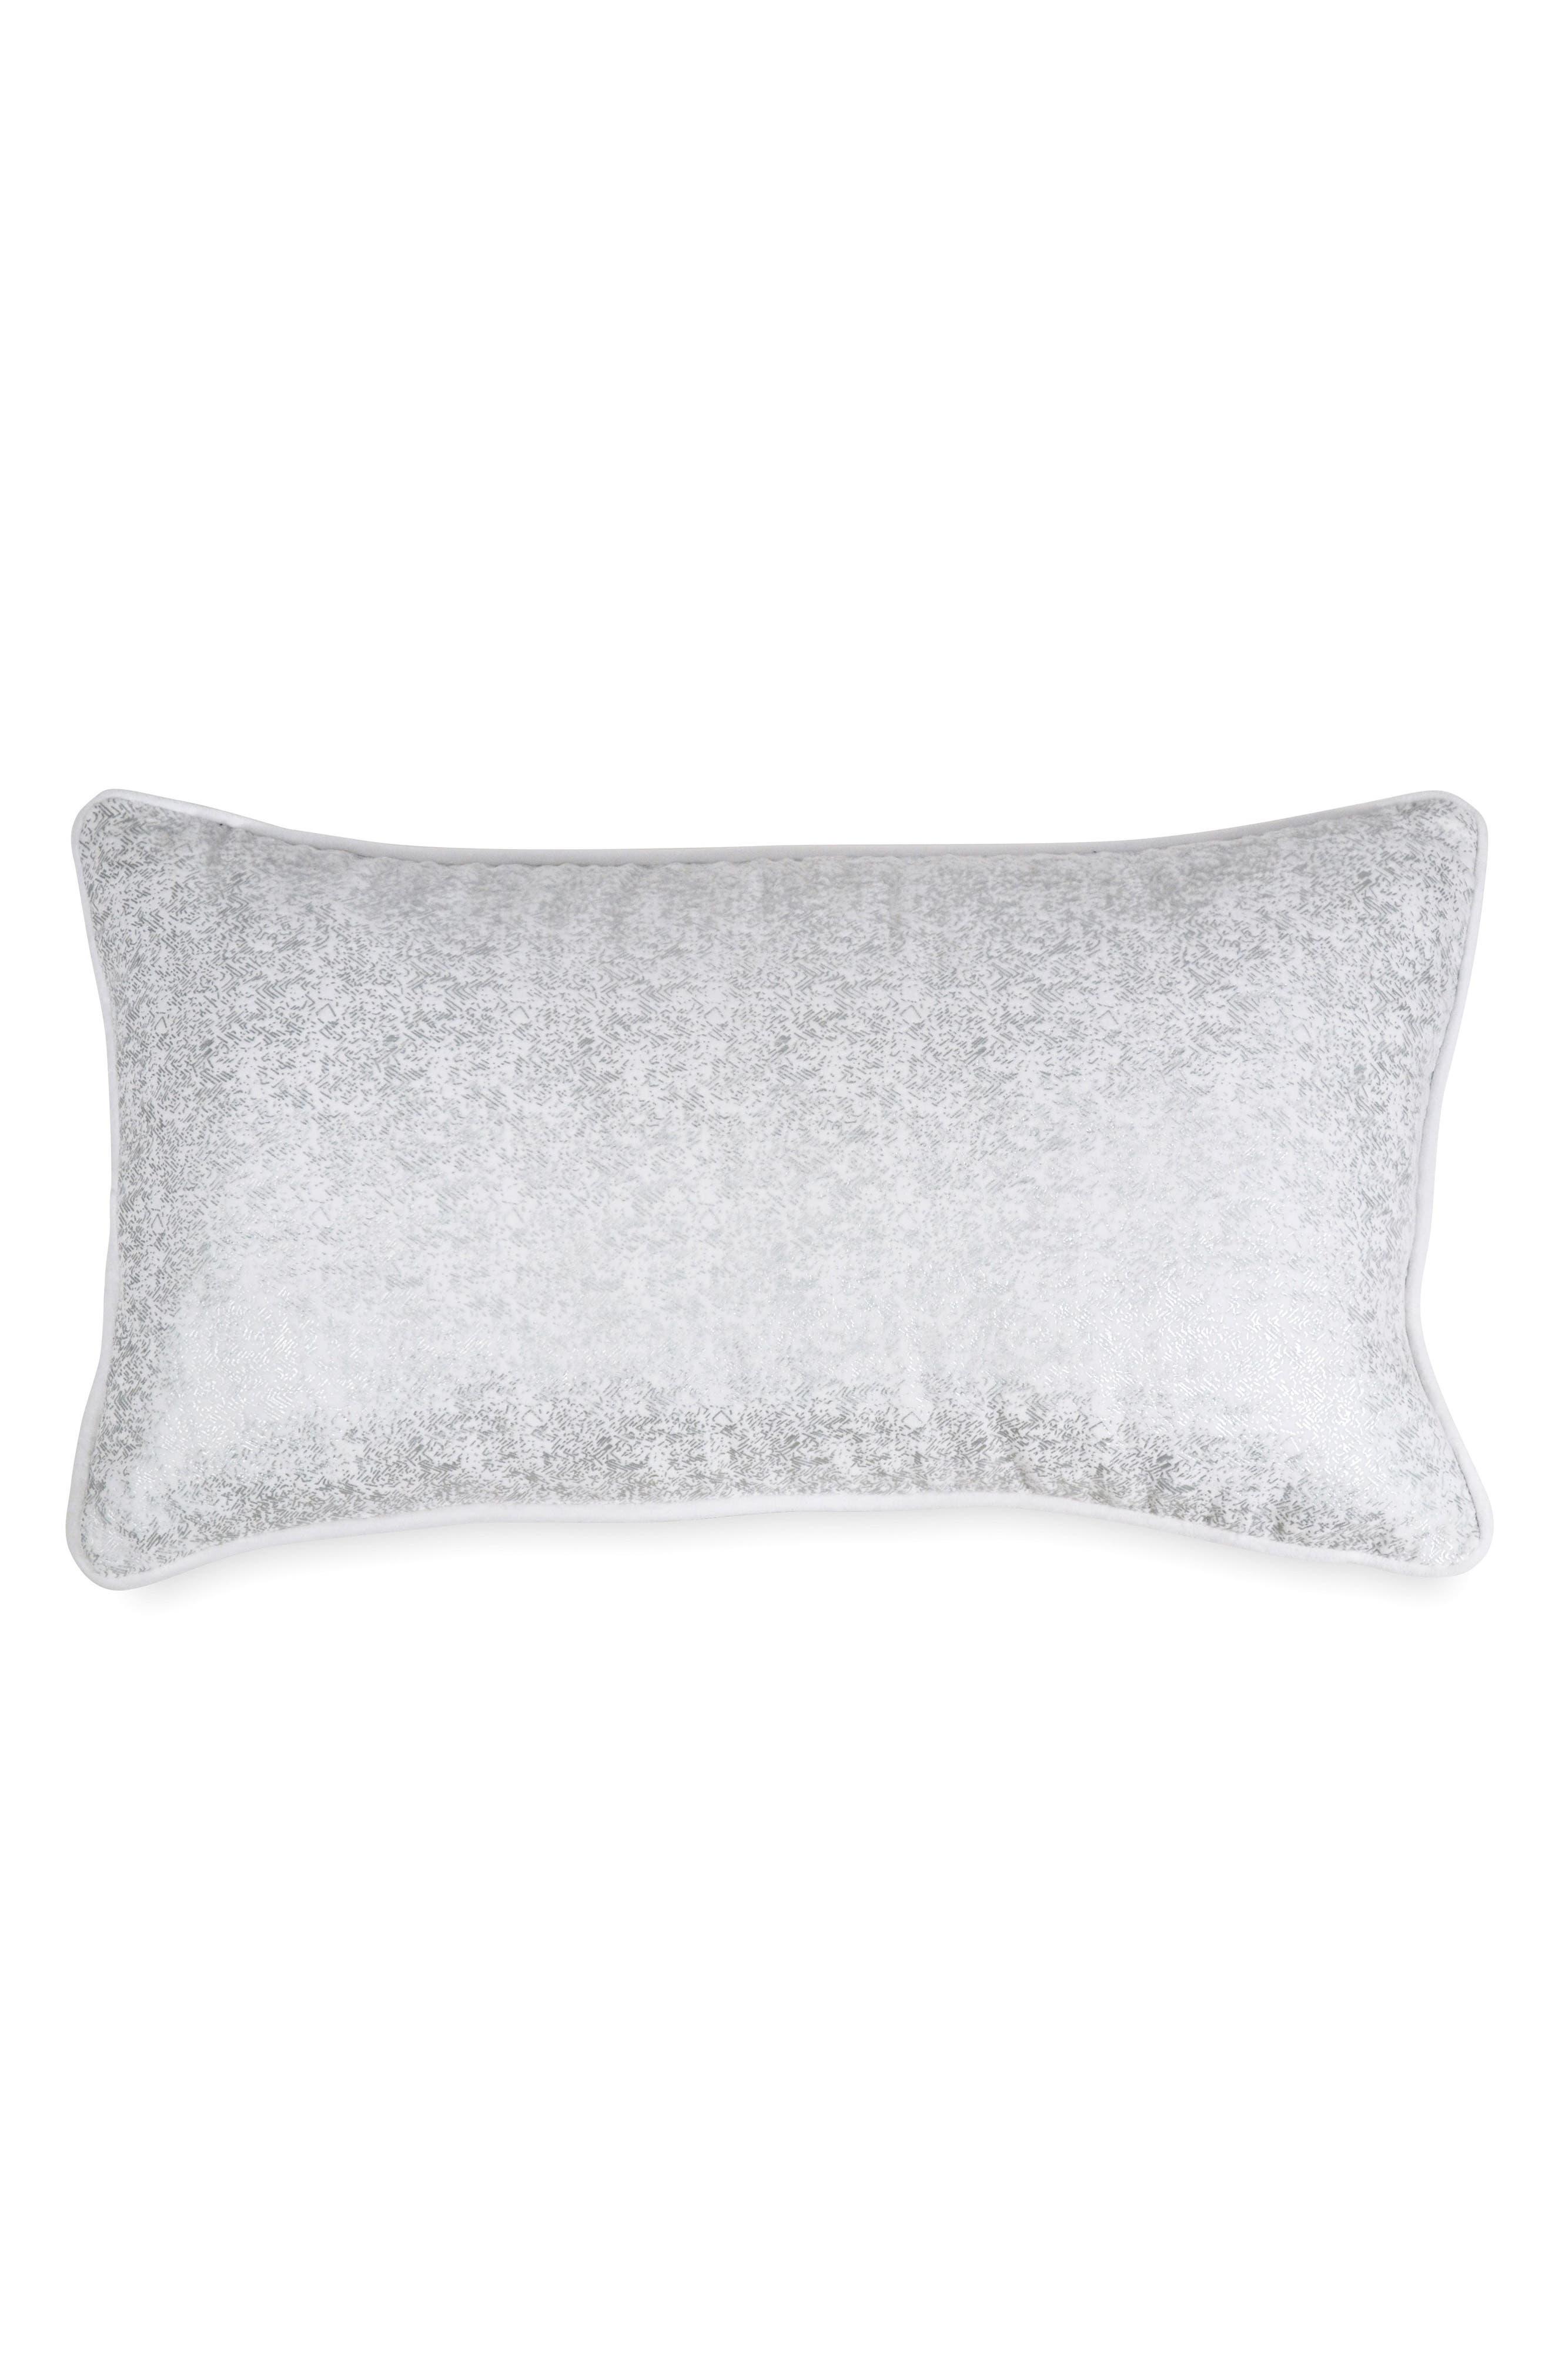 DKNY Motion Velvet Accent Pillow